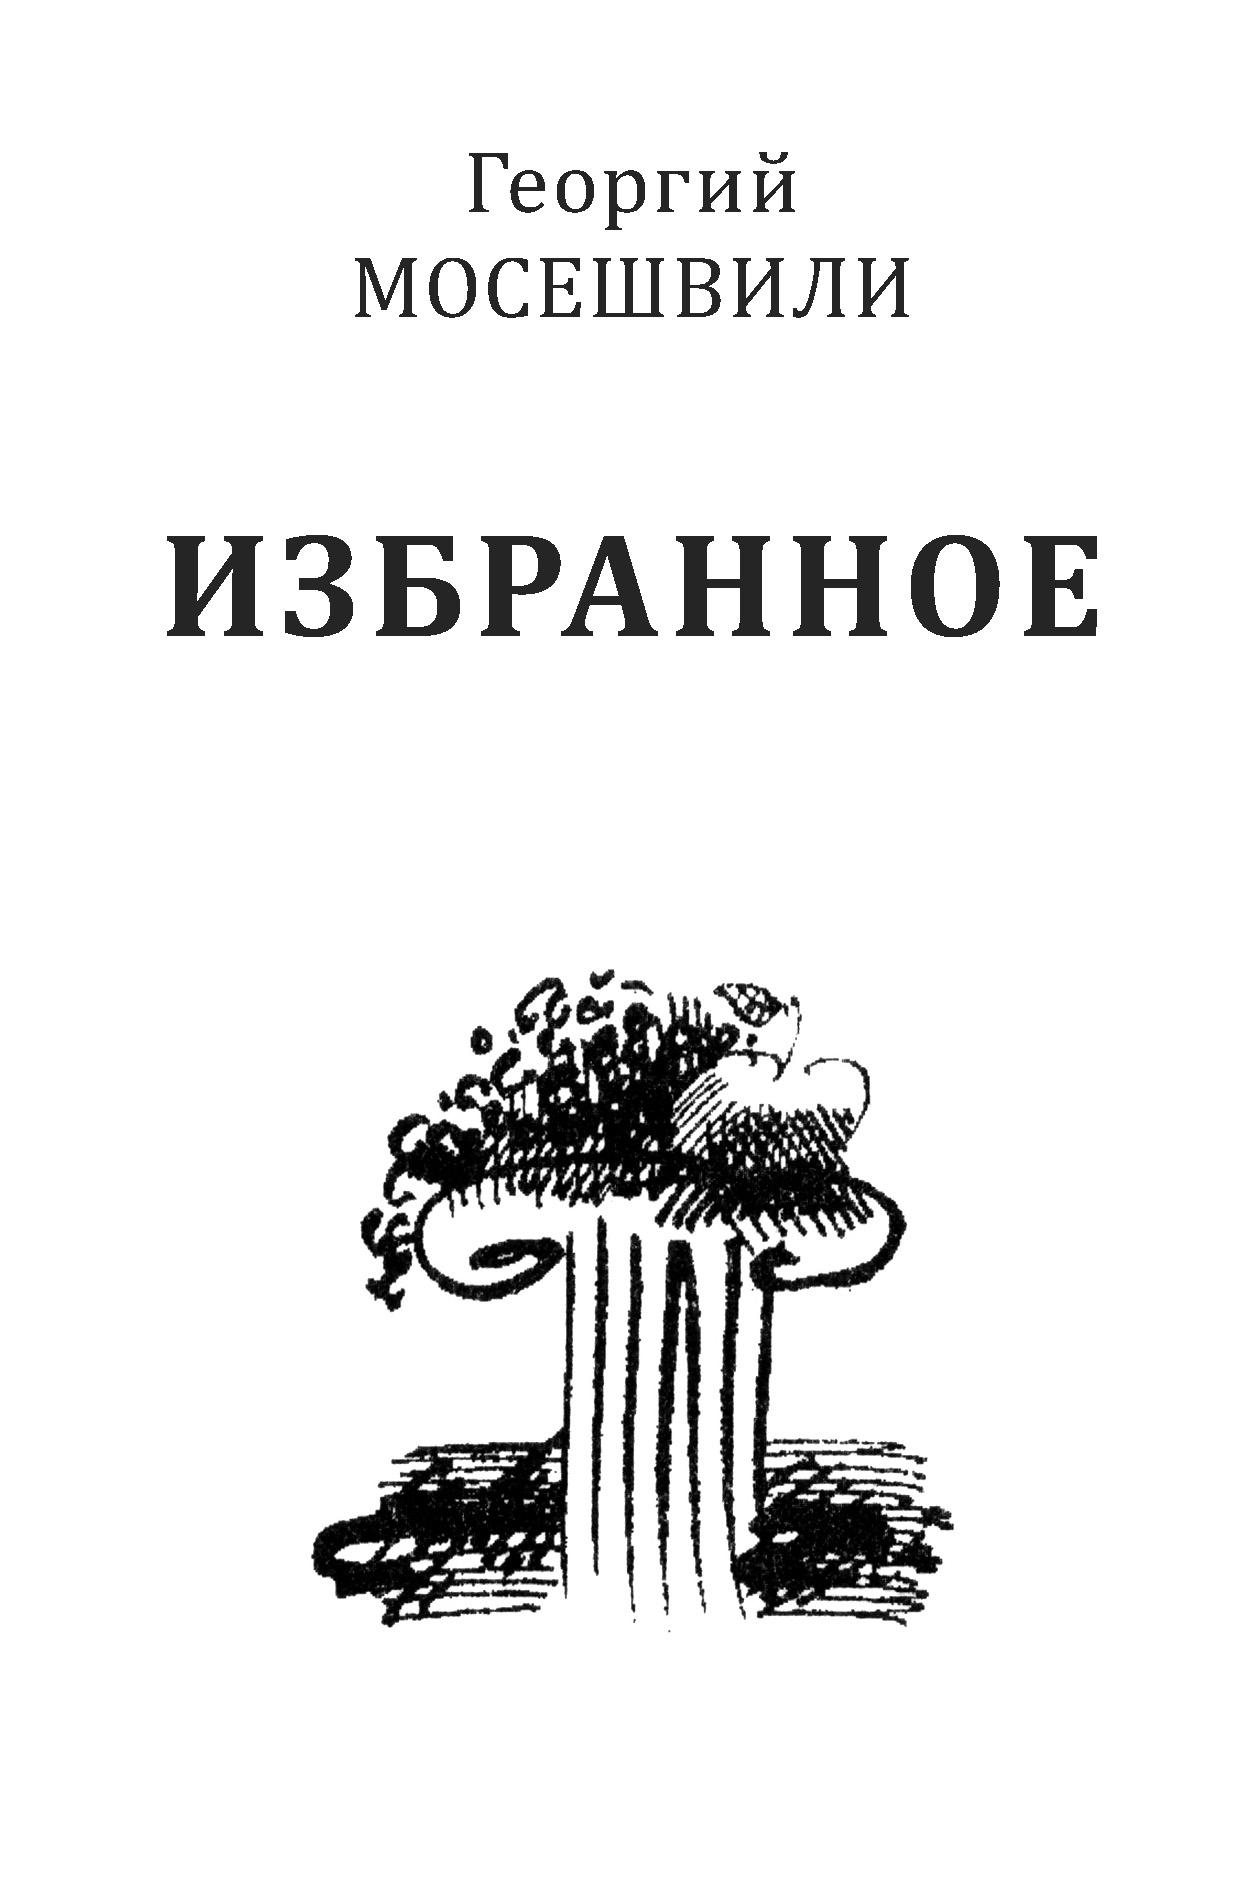 Георгий Мосешвили Избранное. Том II чельцов м избранное сборник научных трудов том ii